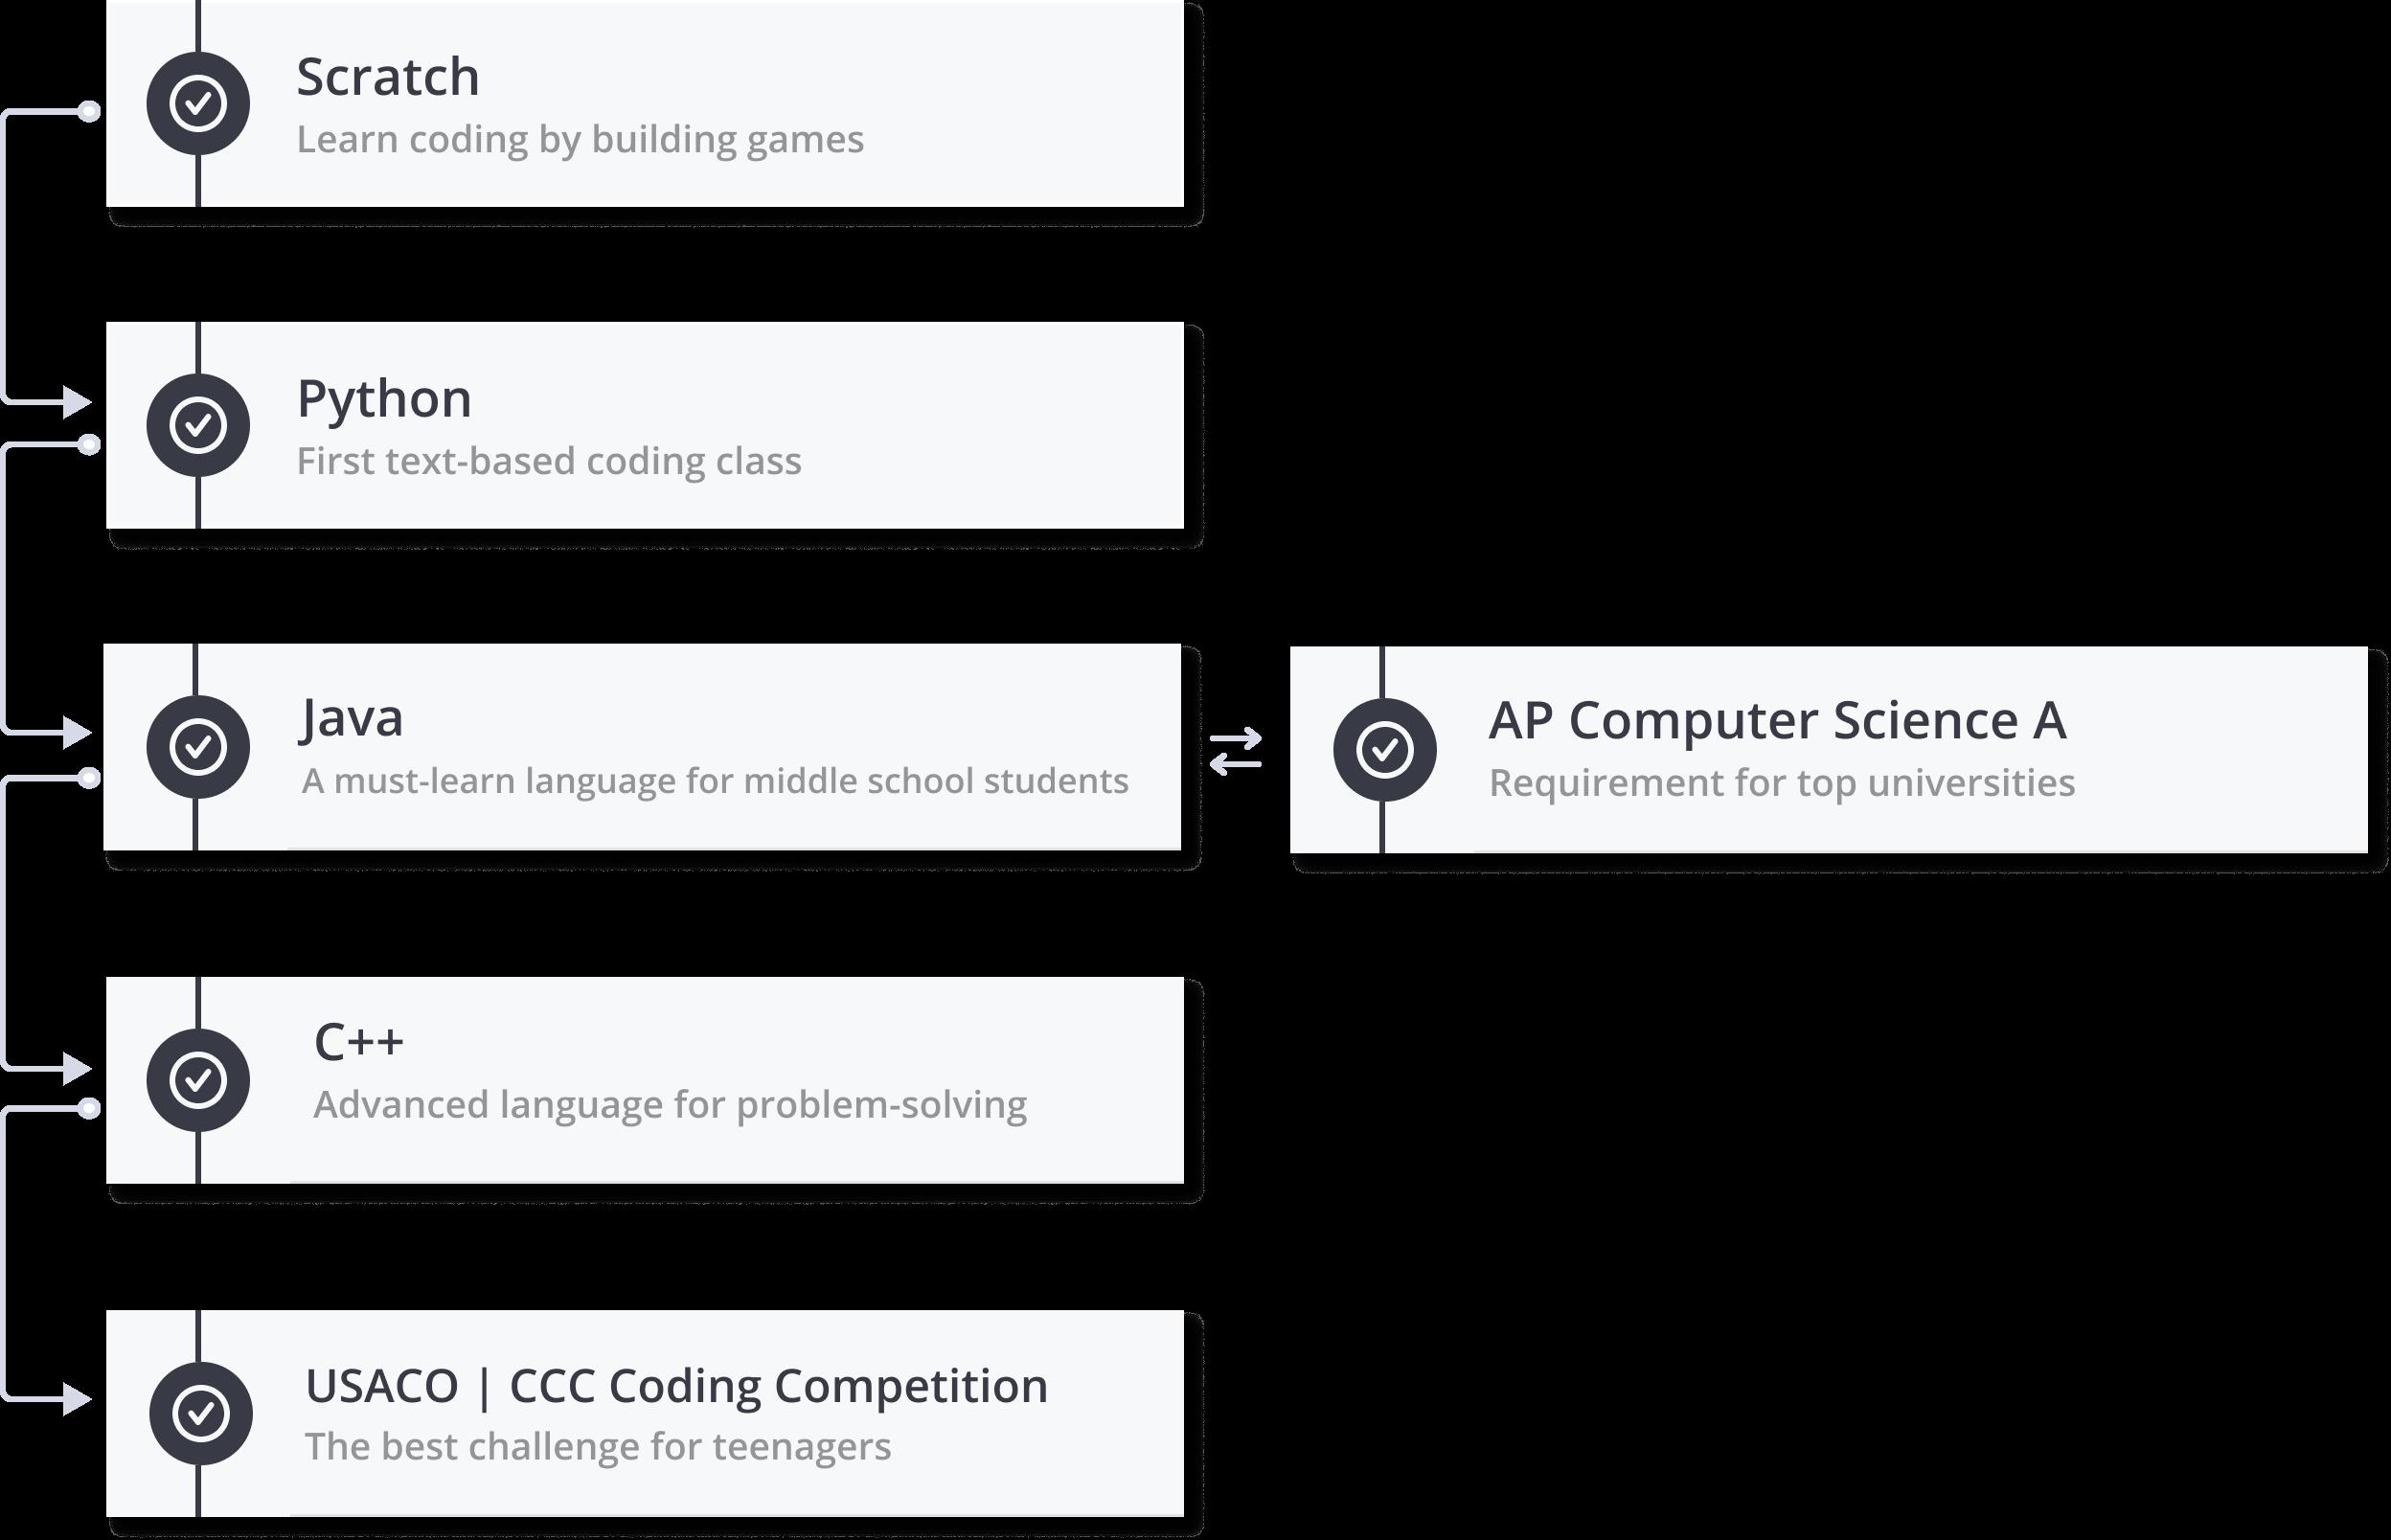 codinglearningpath